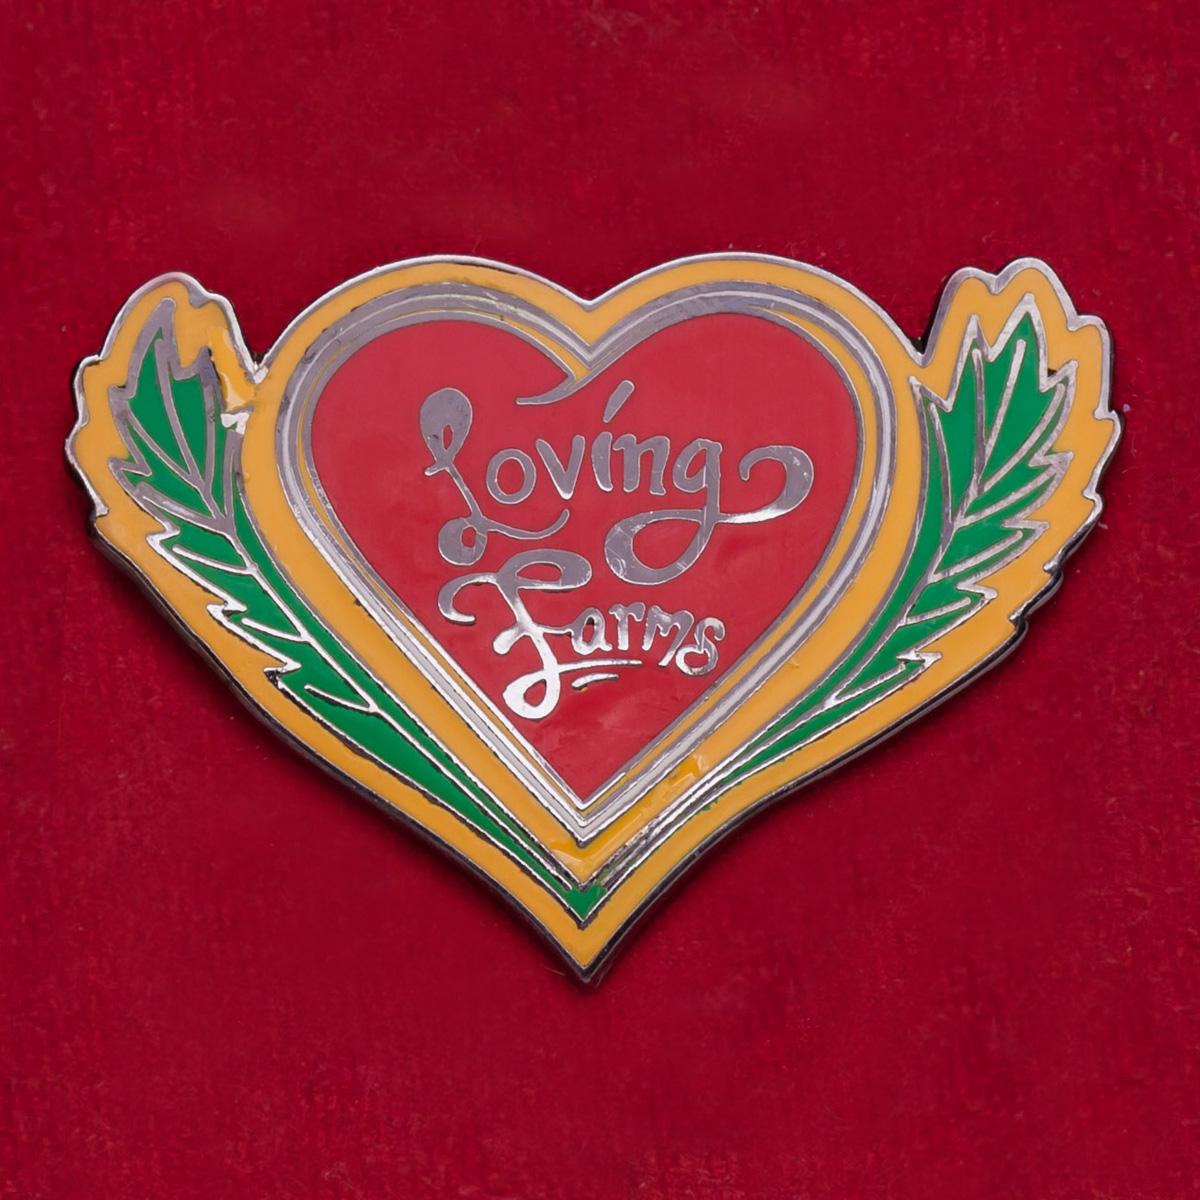 Значок магазина легальных смесей Loving Farms. Маунт-Вернон, США